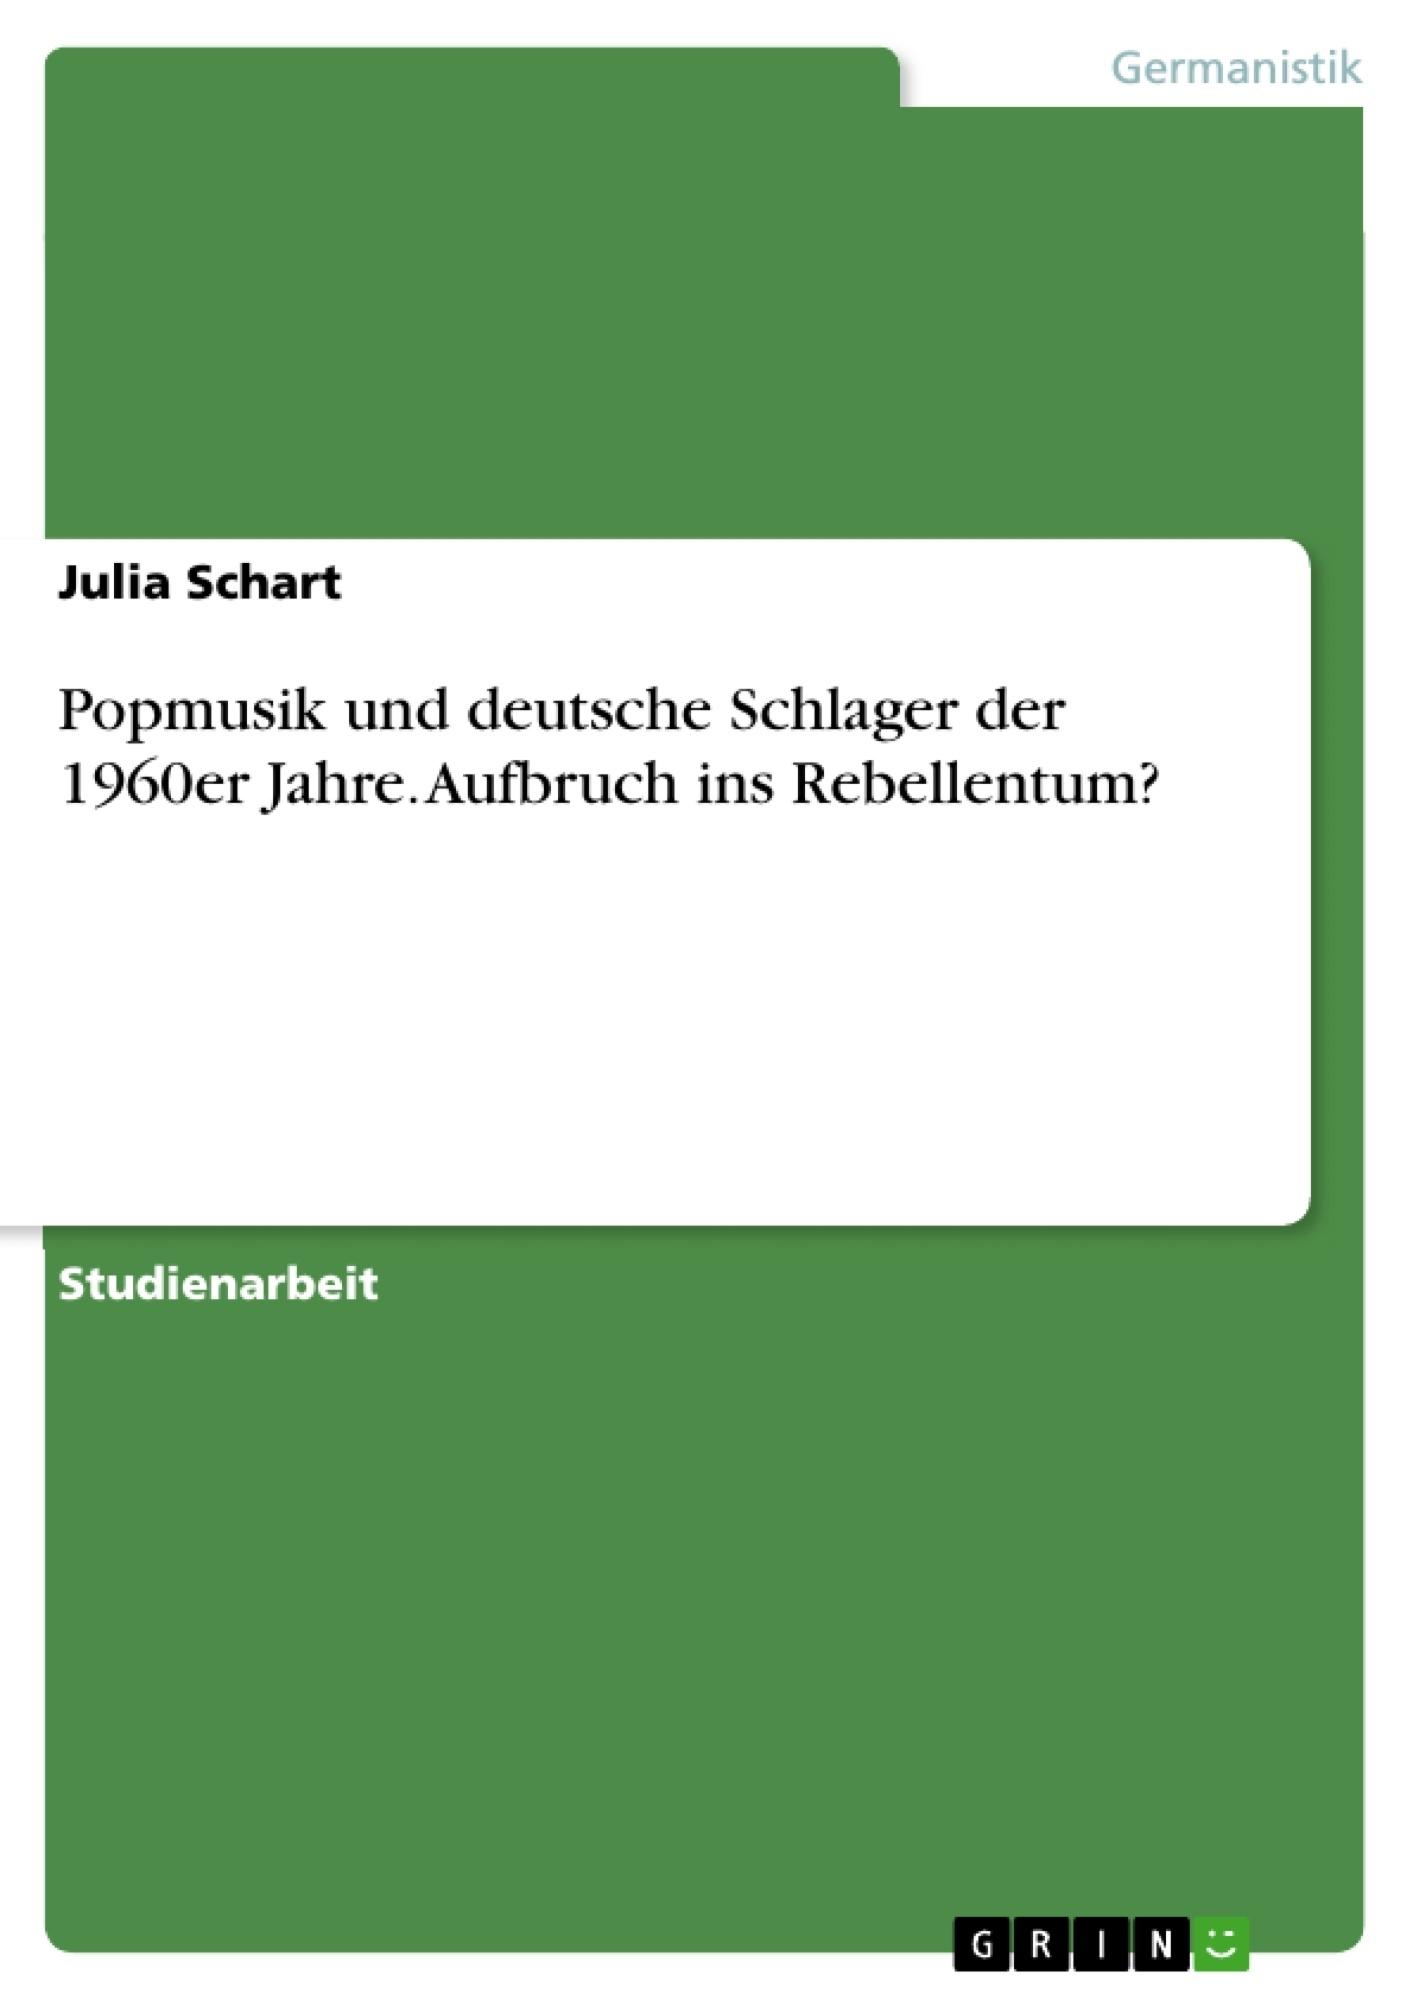 Titel: Popmusik und deutsche Schlager der 1960er Jahre. Aufbruch ins Rebellentum?